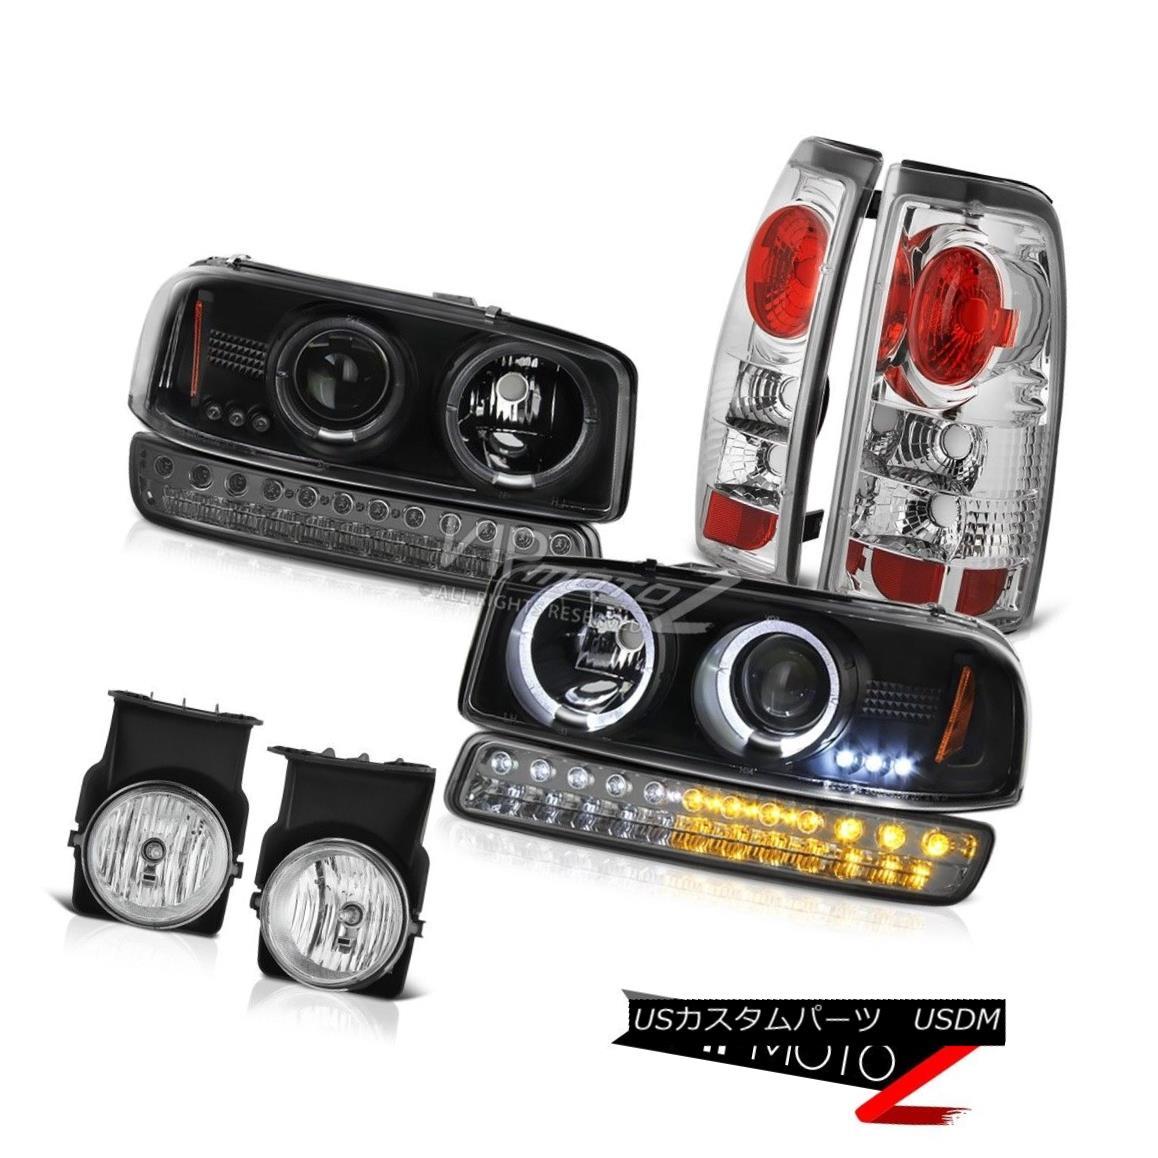 ヘッドライト 03-06 GMC Sierra Fog Lights Taillights Signal Lamp Black Projector Headlights 03-06 GMCシエラ・フォグ・ライト・テールライト信号ランプブラック・プロジェクター・ヘッドライト